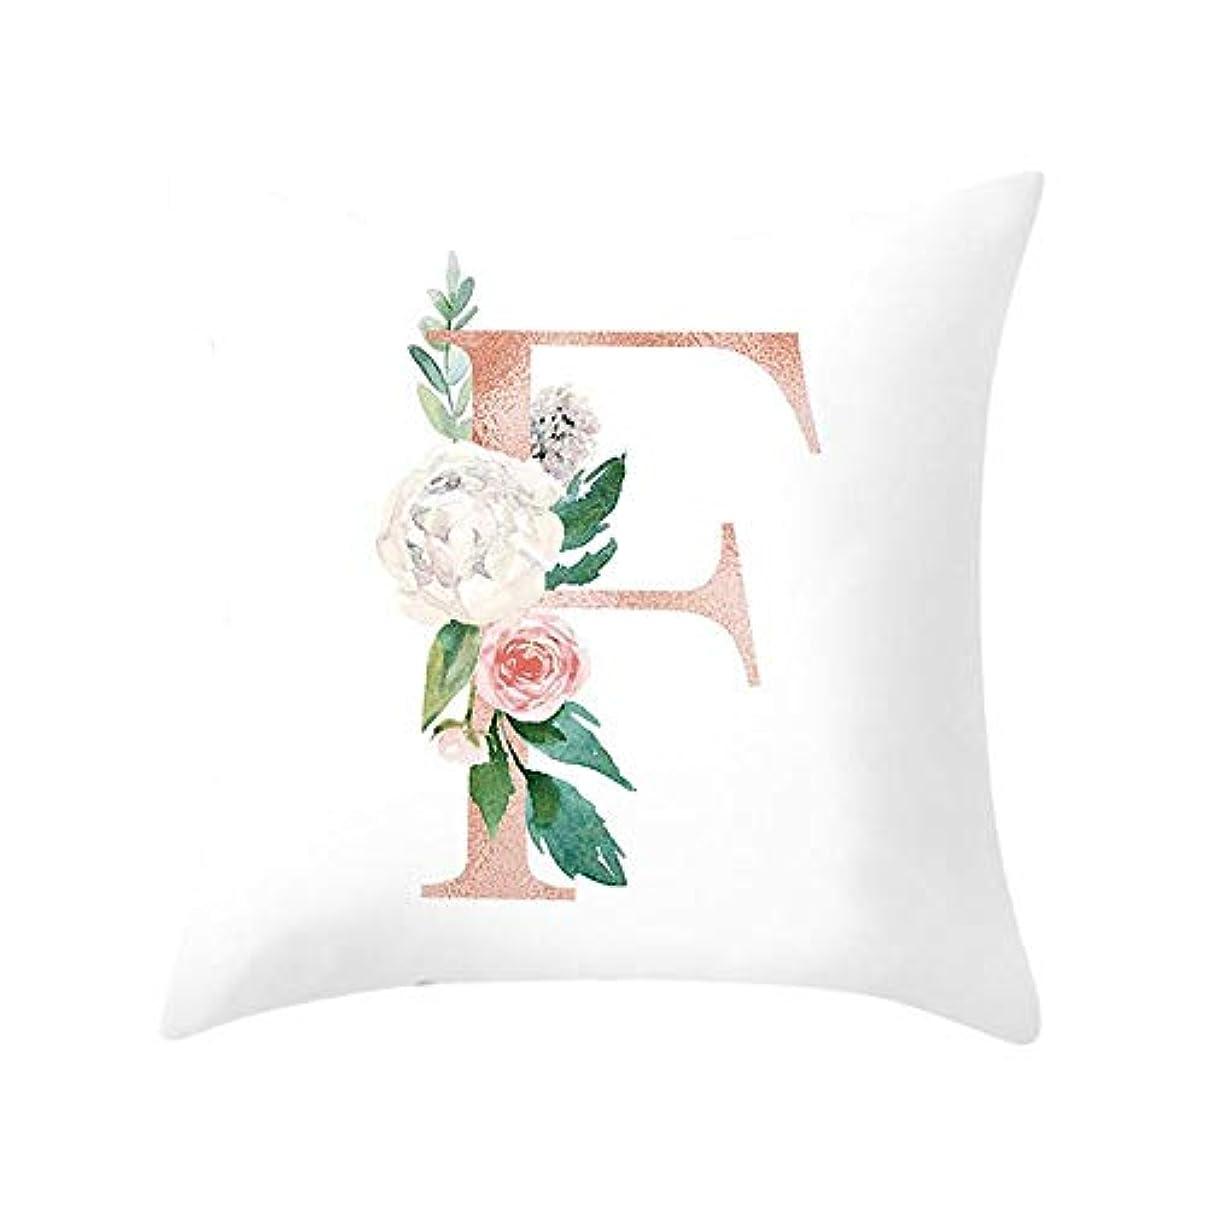 後ろ、背後、背面(部ミルクカウボーイLIFE 装飾クッションソファ手紙枕アルファベットクッション印刷ソファ家の装飾の花枕 coussin decoratif クッション 椅子